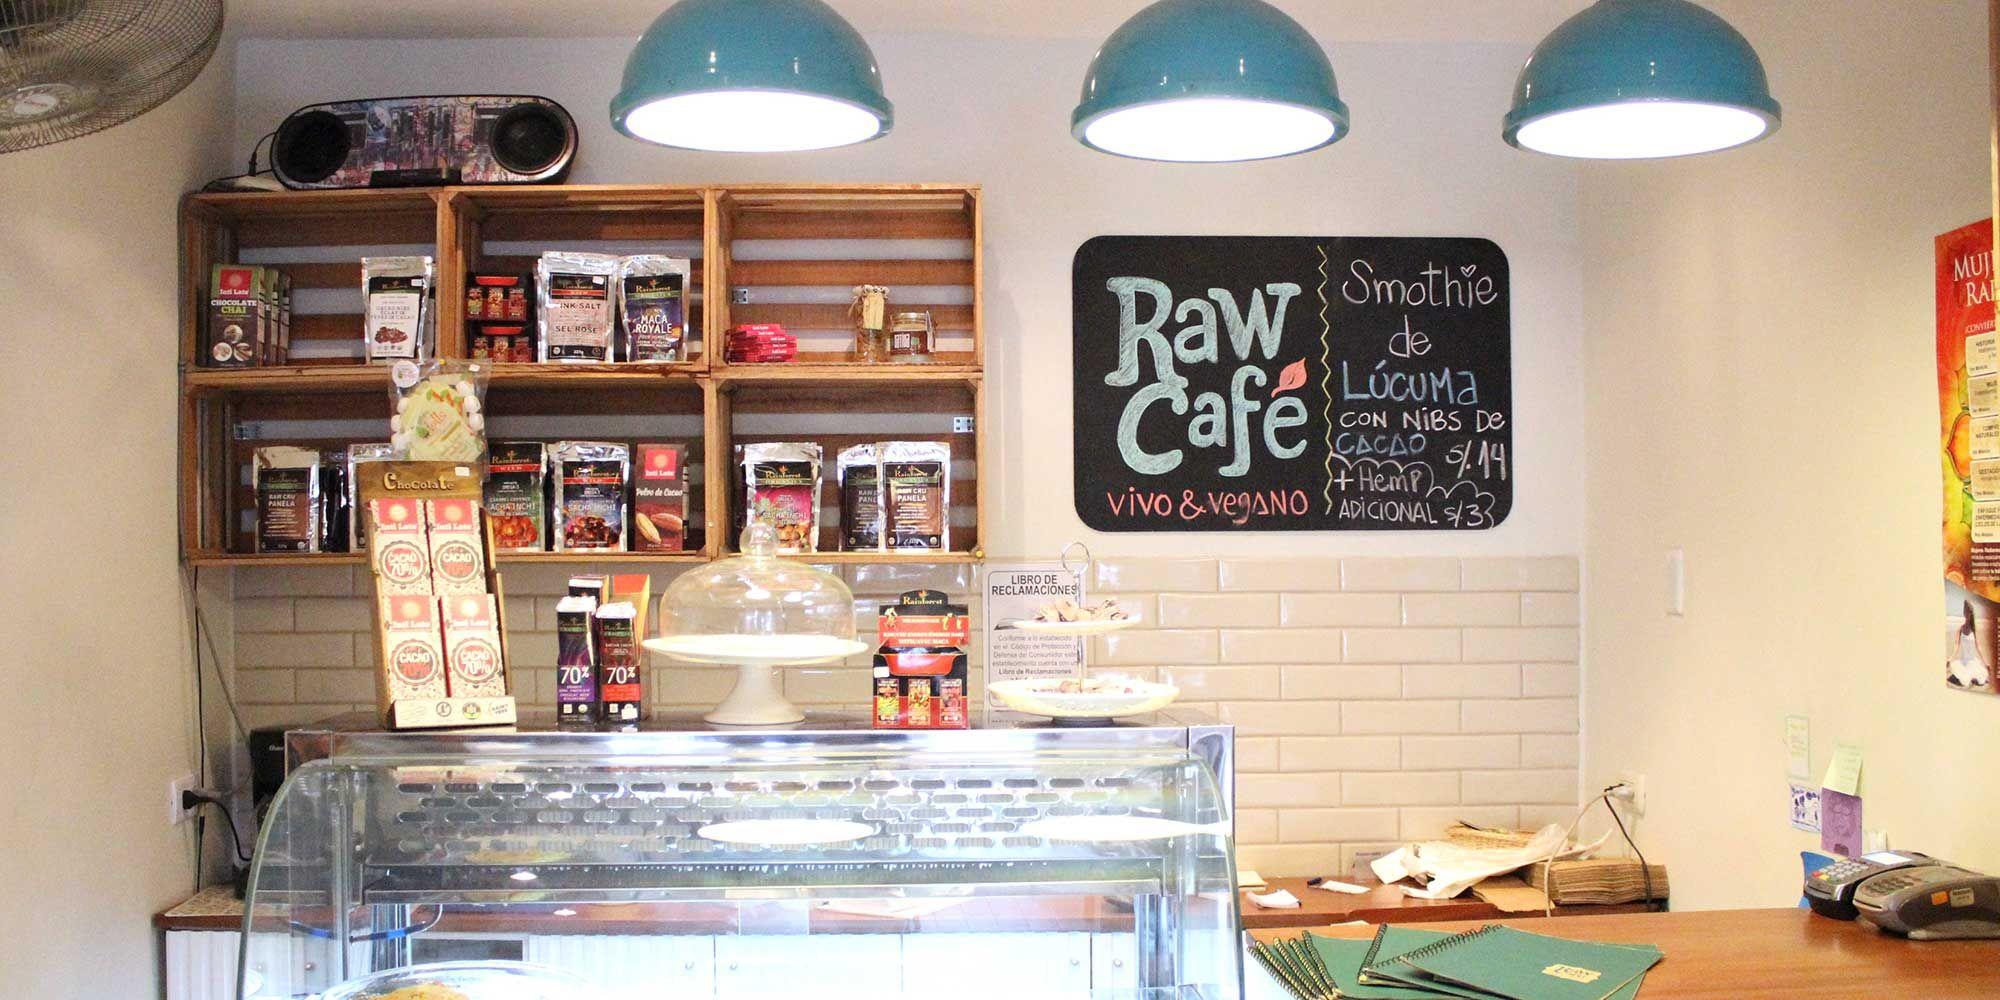 Cafe raw - Independencia 587, Miraflores. Por el Suiza Lab de Angamos Oeste / Peru